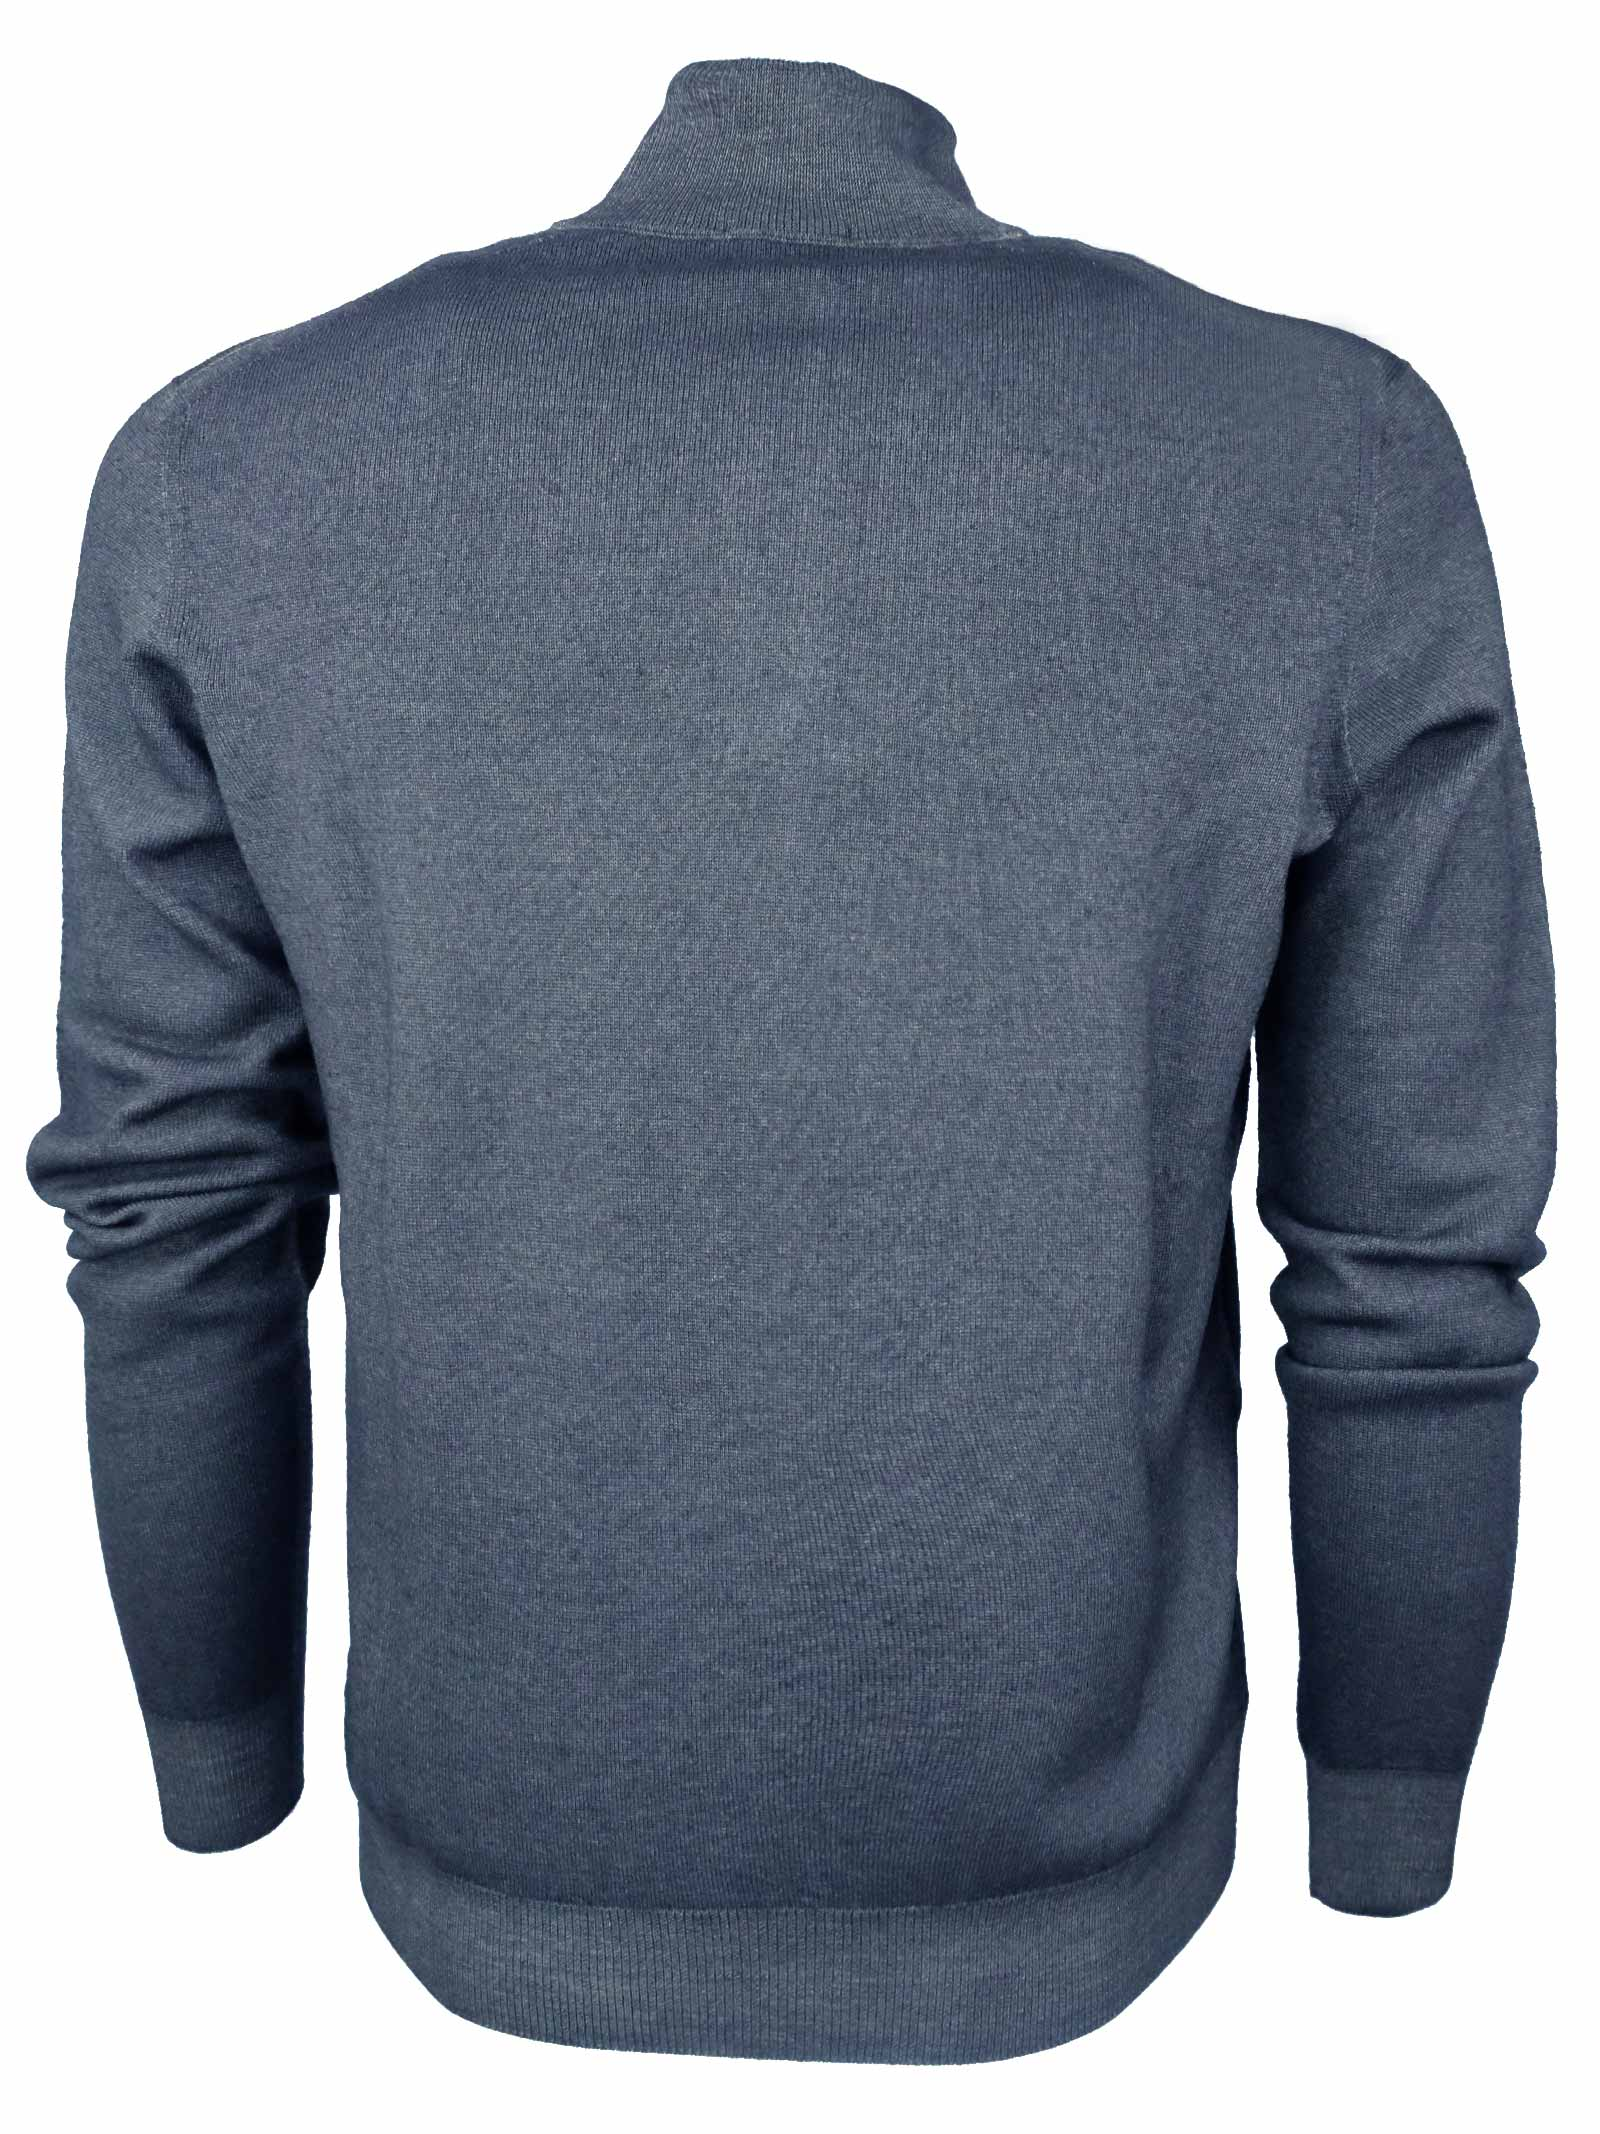 Pullover zip cortain lana merino tintura acquerello DRUMOHR | Maglieria | D2M203A675